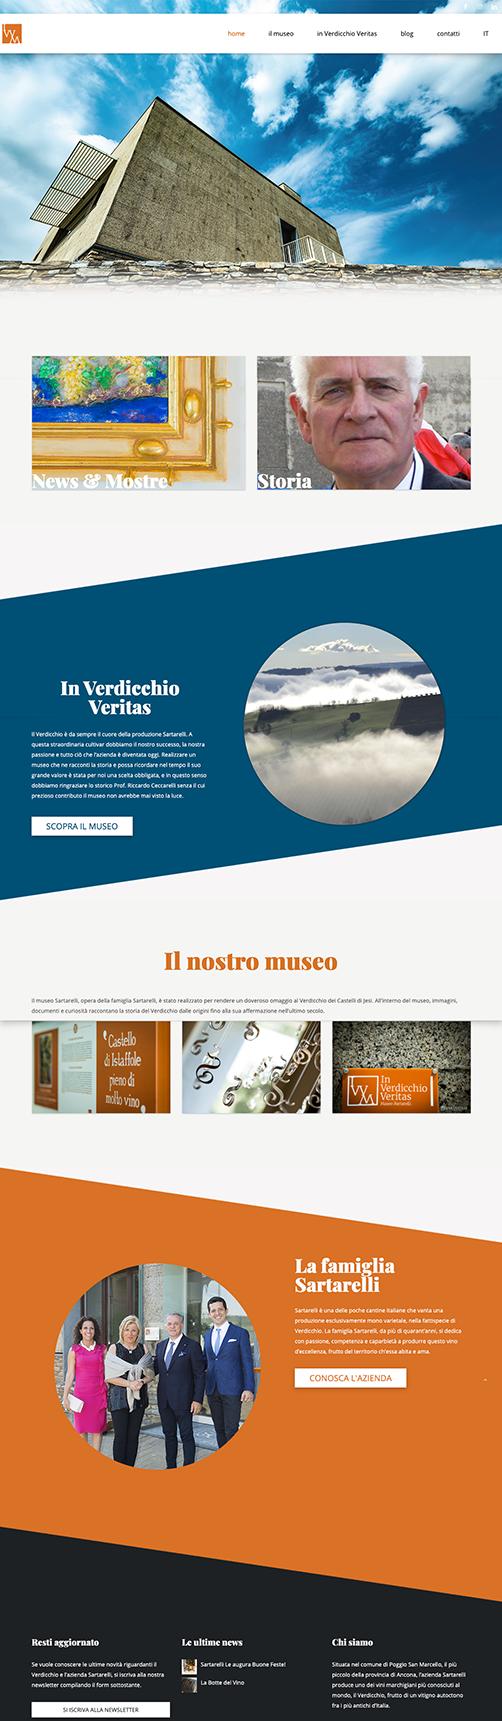 Realizzazione sito museo del verdicchio